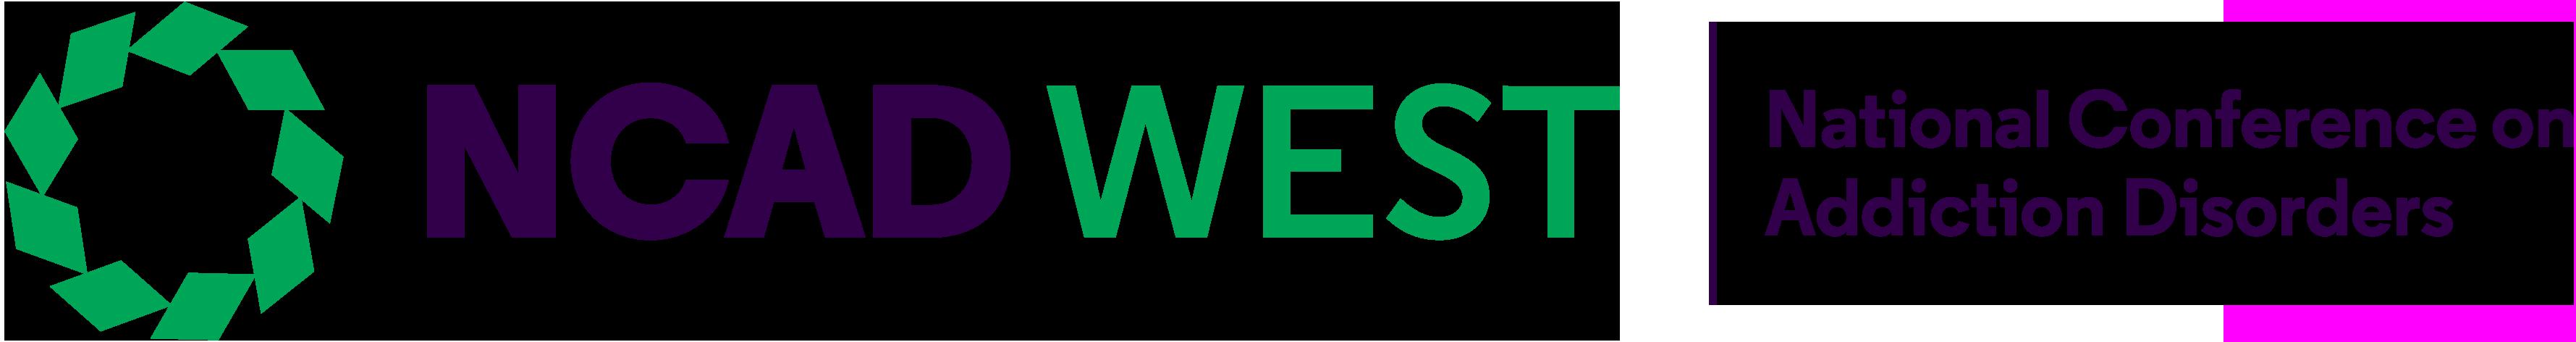 NCAD west logo